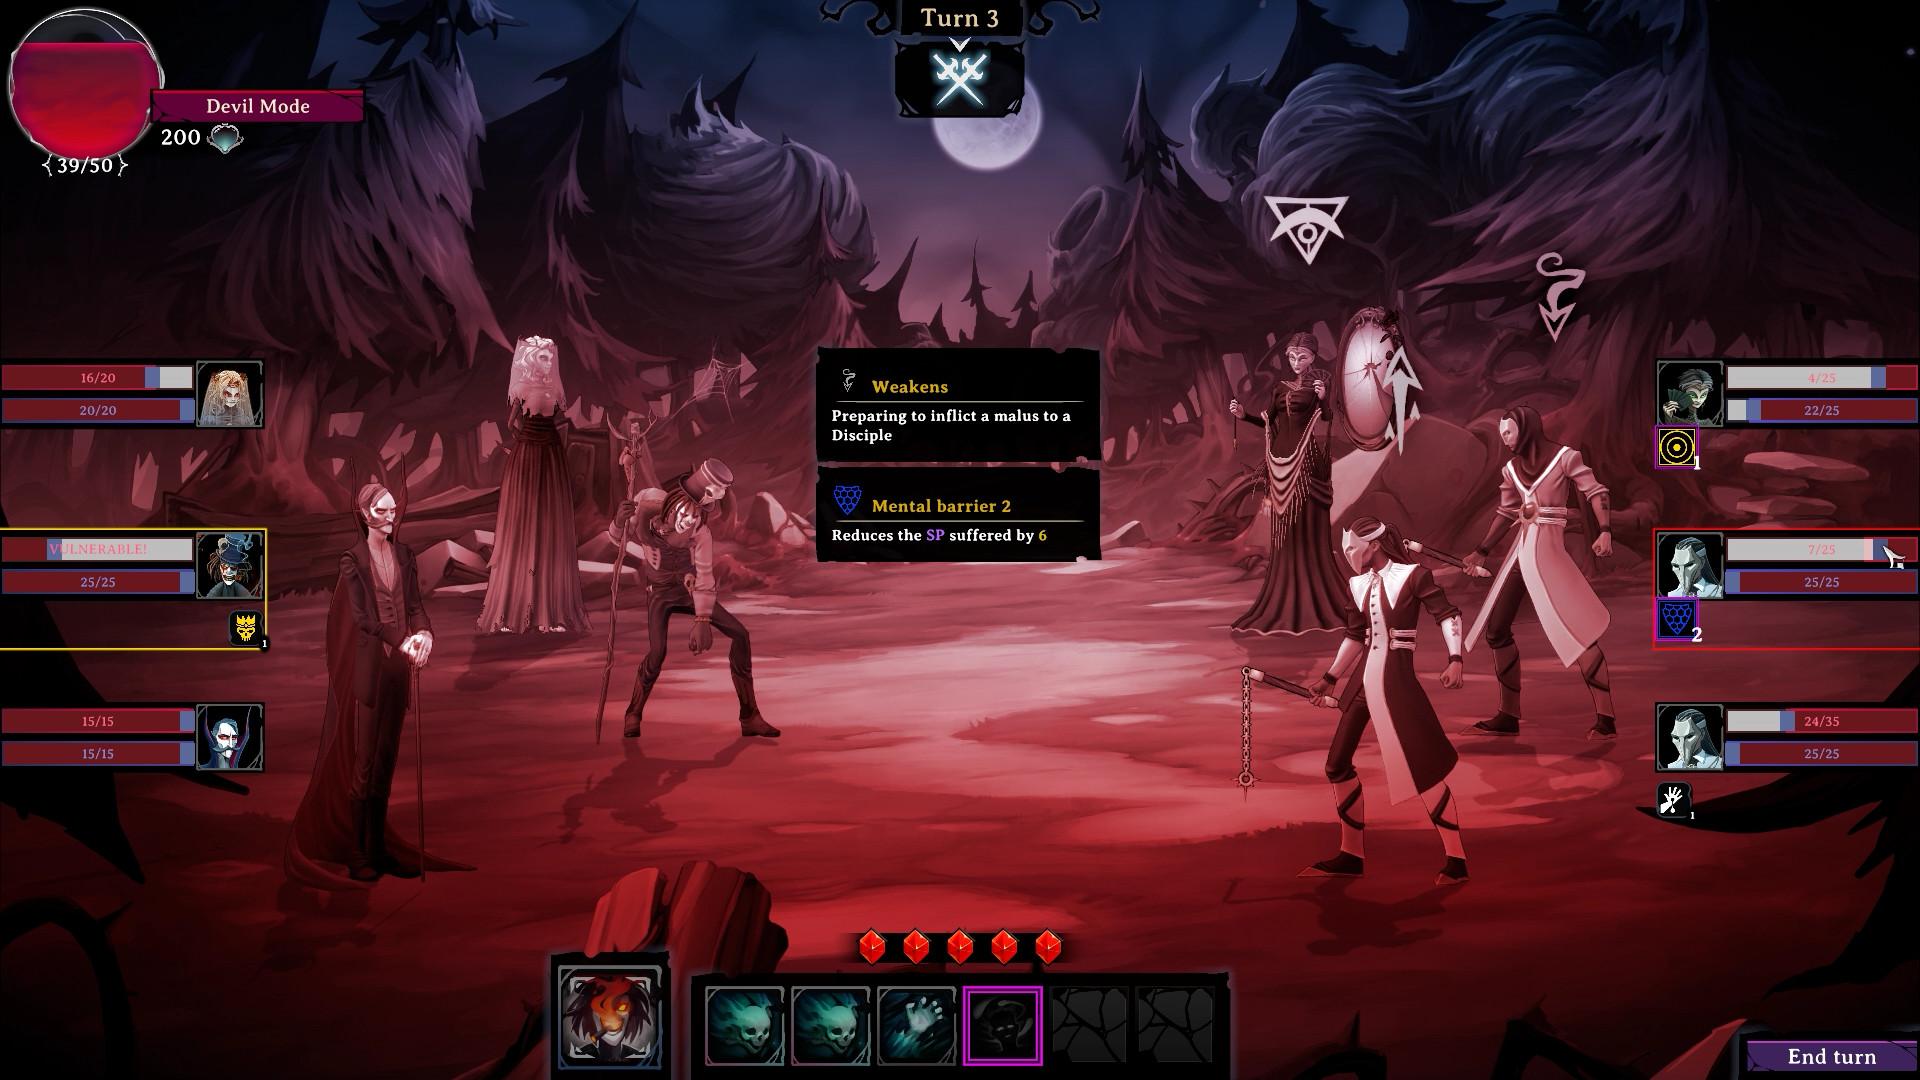 Hrajte si na Ďábla ve hře Rogue Lords 1 6